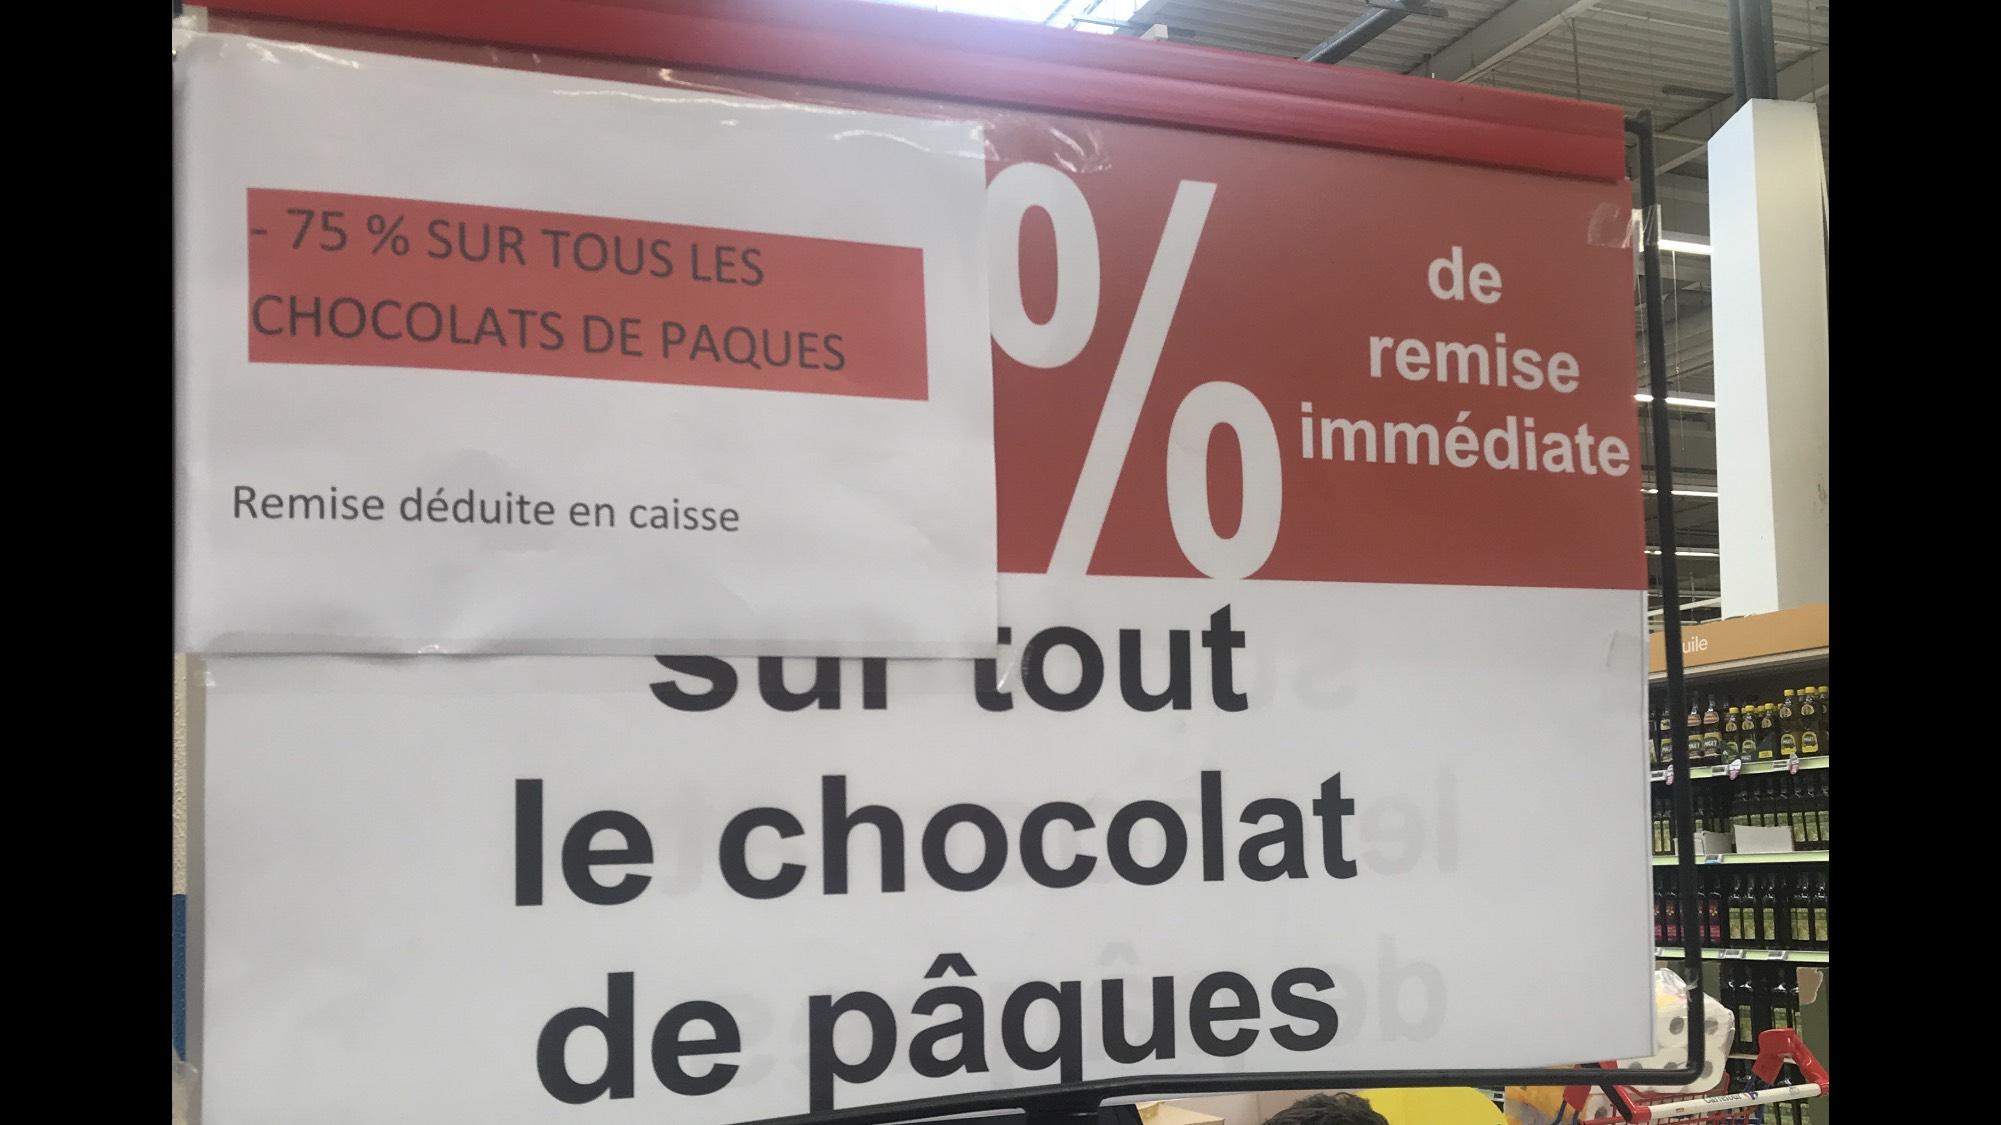 75% de remise sur tous les chocolats de Pâques (Aulnay-sous-Bois 93)